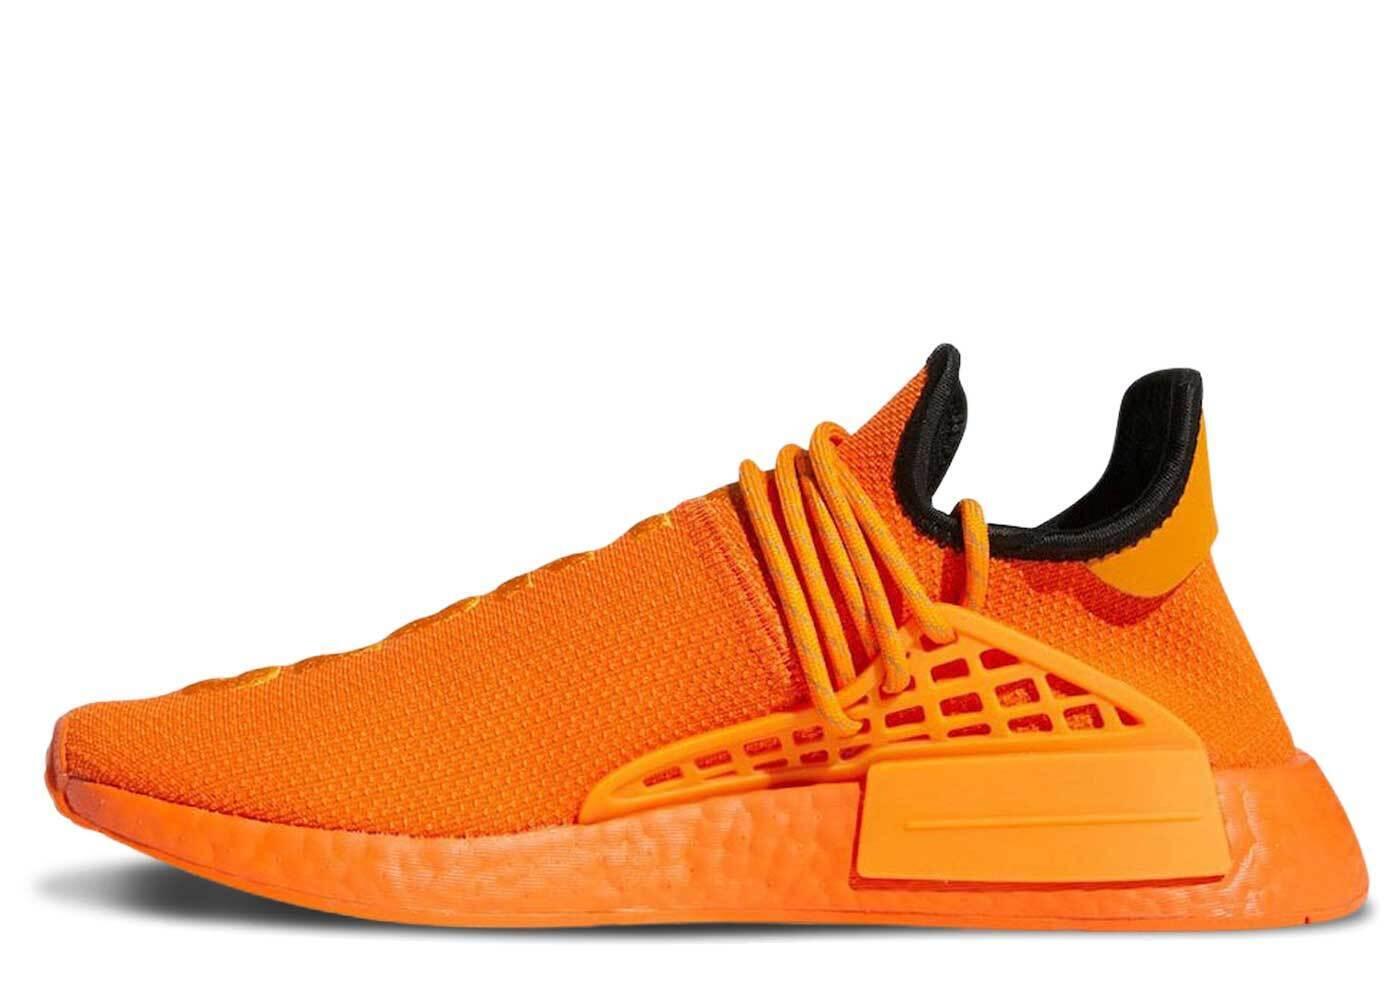 Pharrell Williams × adidas NMD Hu Orangeの写真